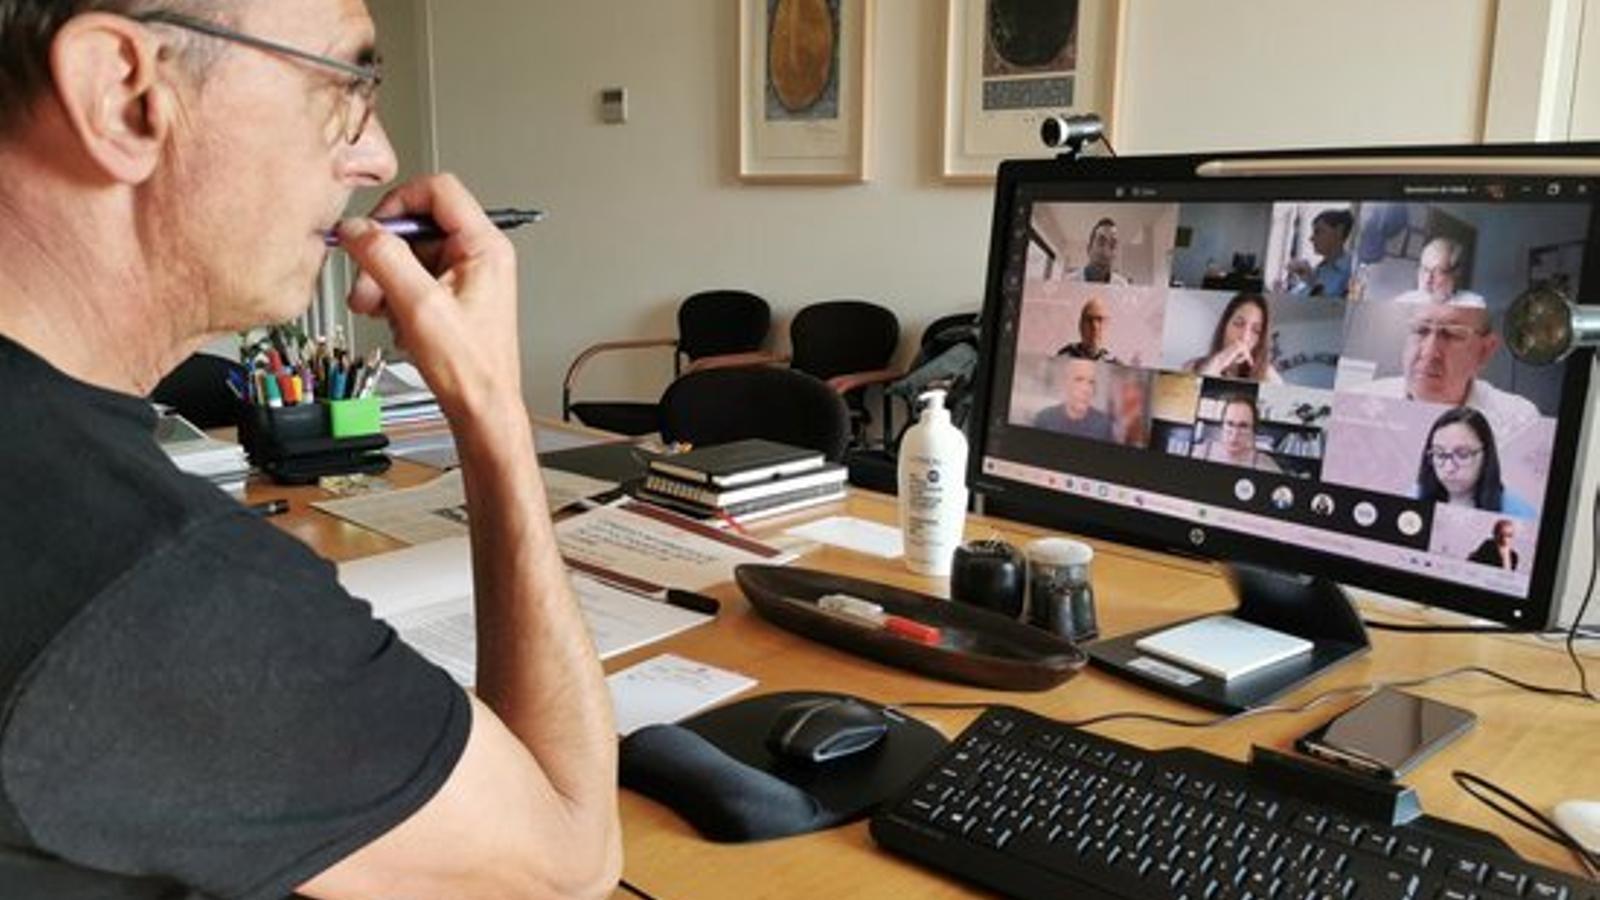 L'alcalde de Lleida demana eines jurídiques per poder retenir les persones amb covid-19